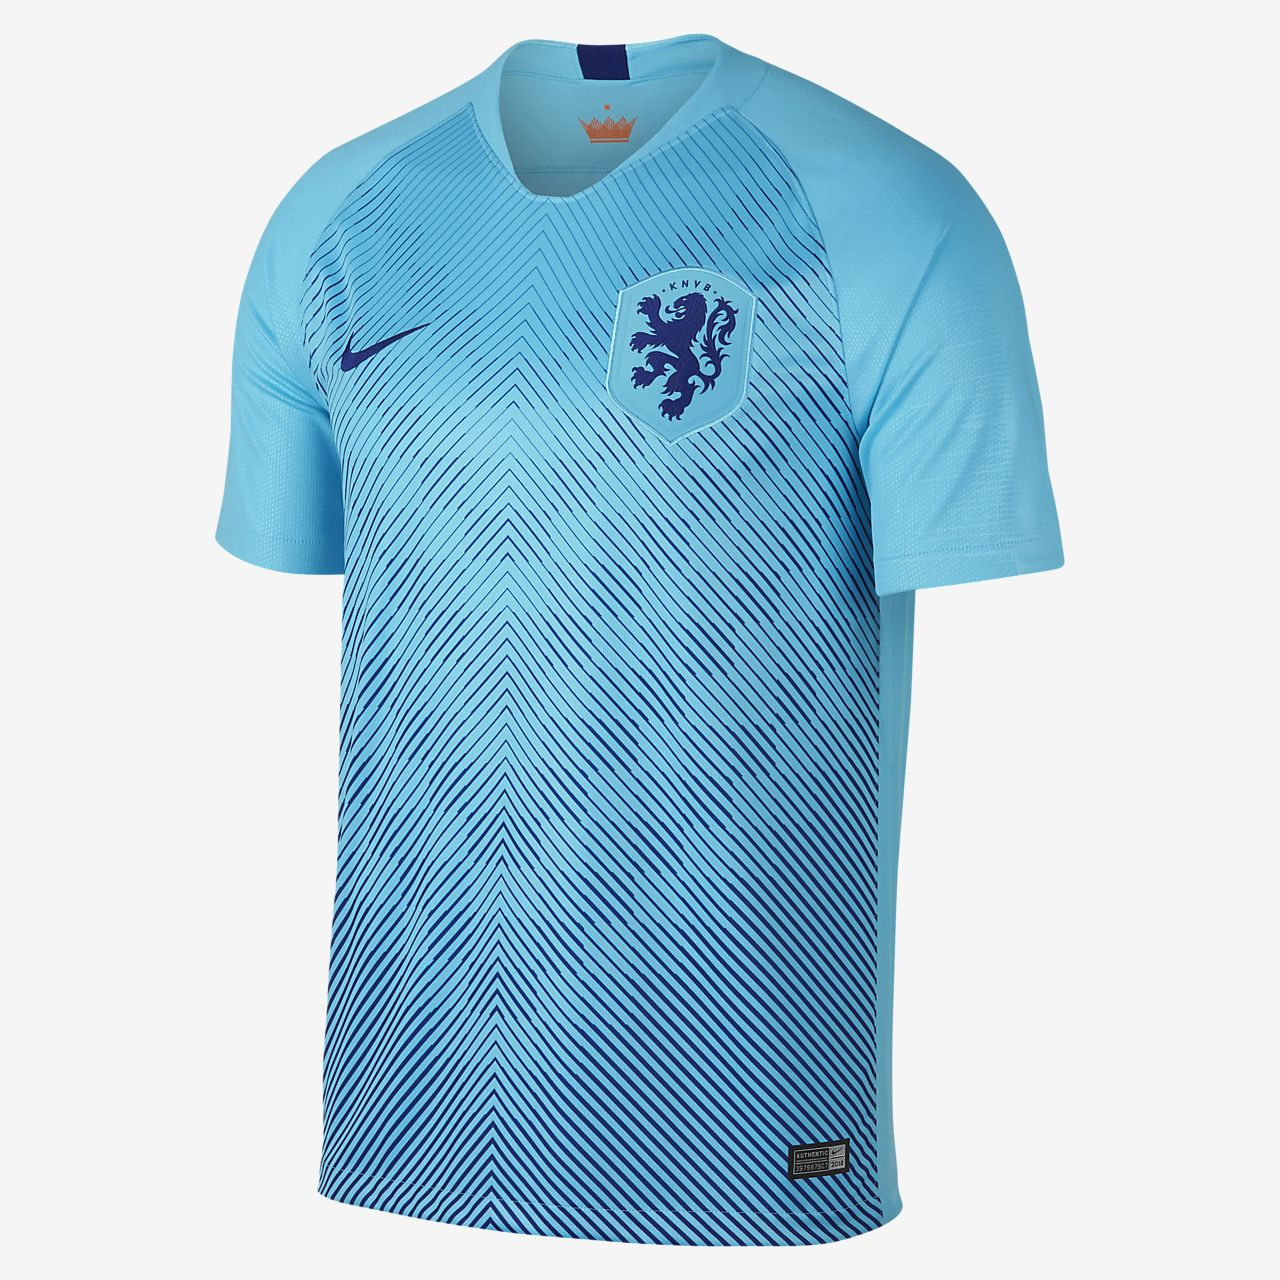 2018 Netherlands Stadium Away férfi futballmez